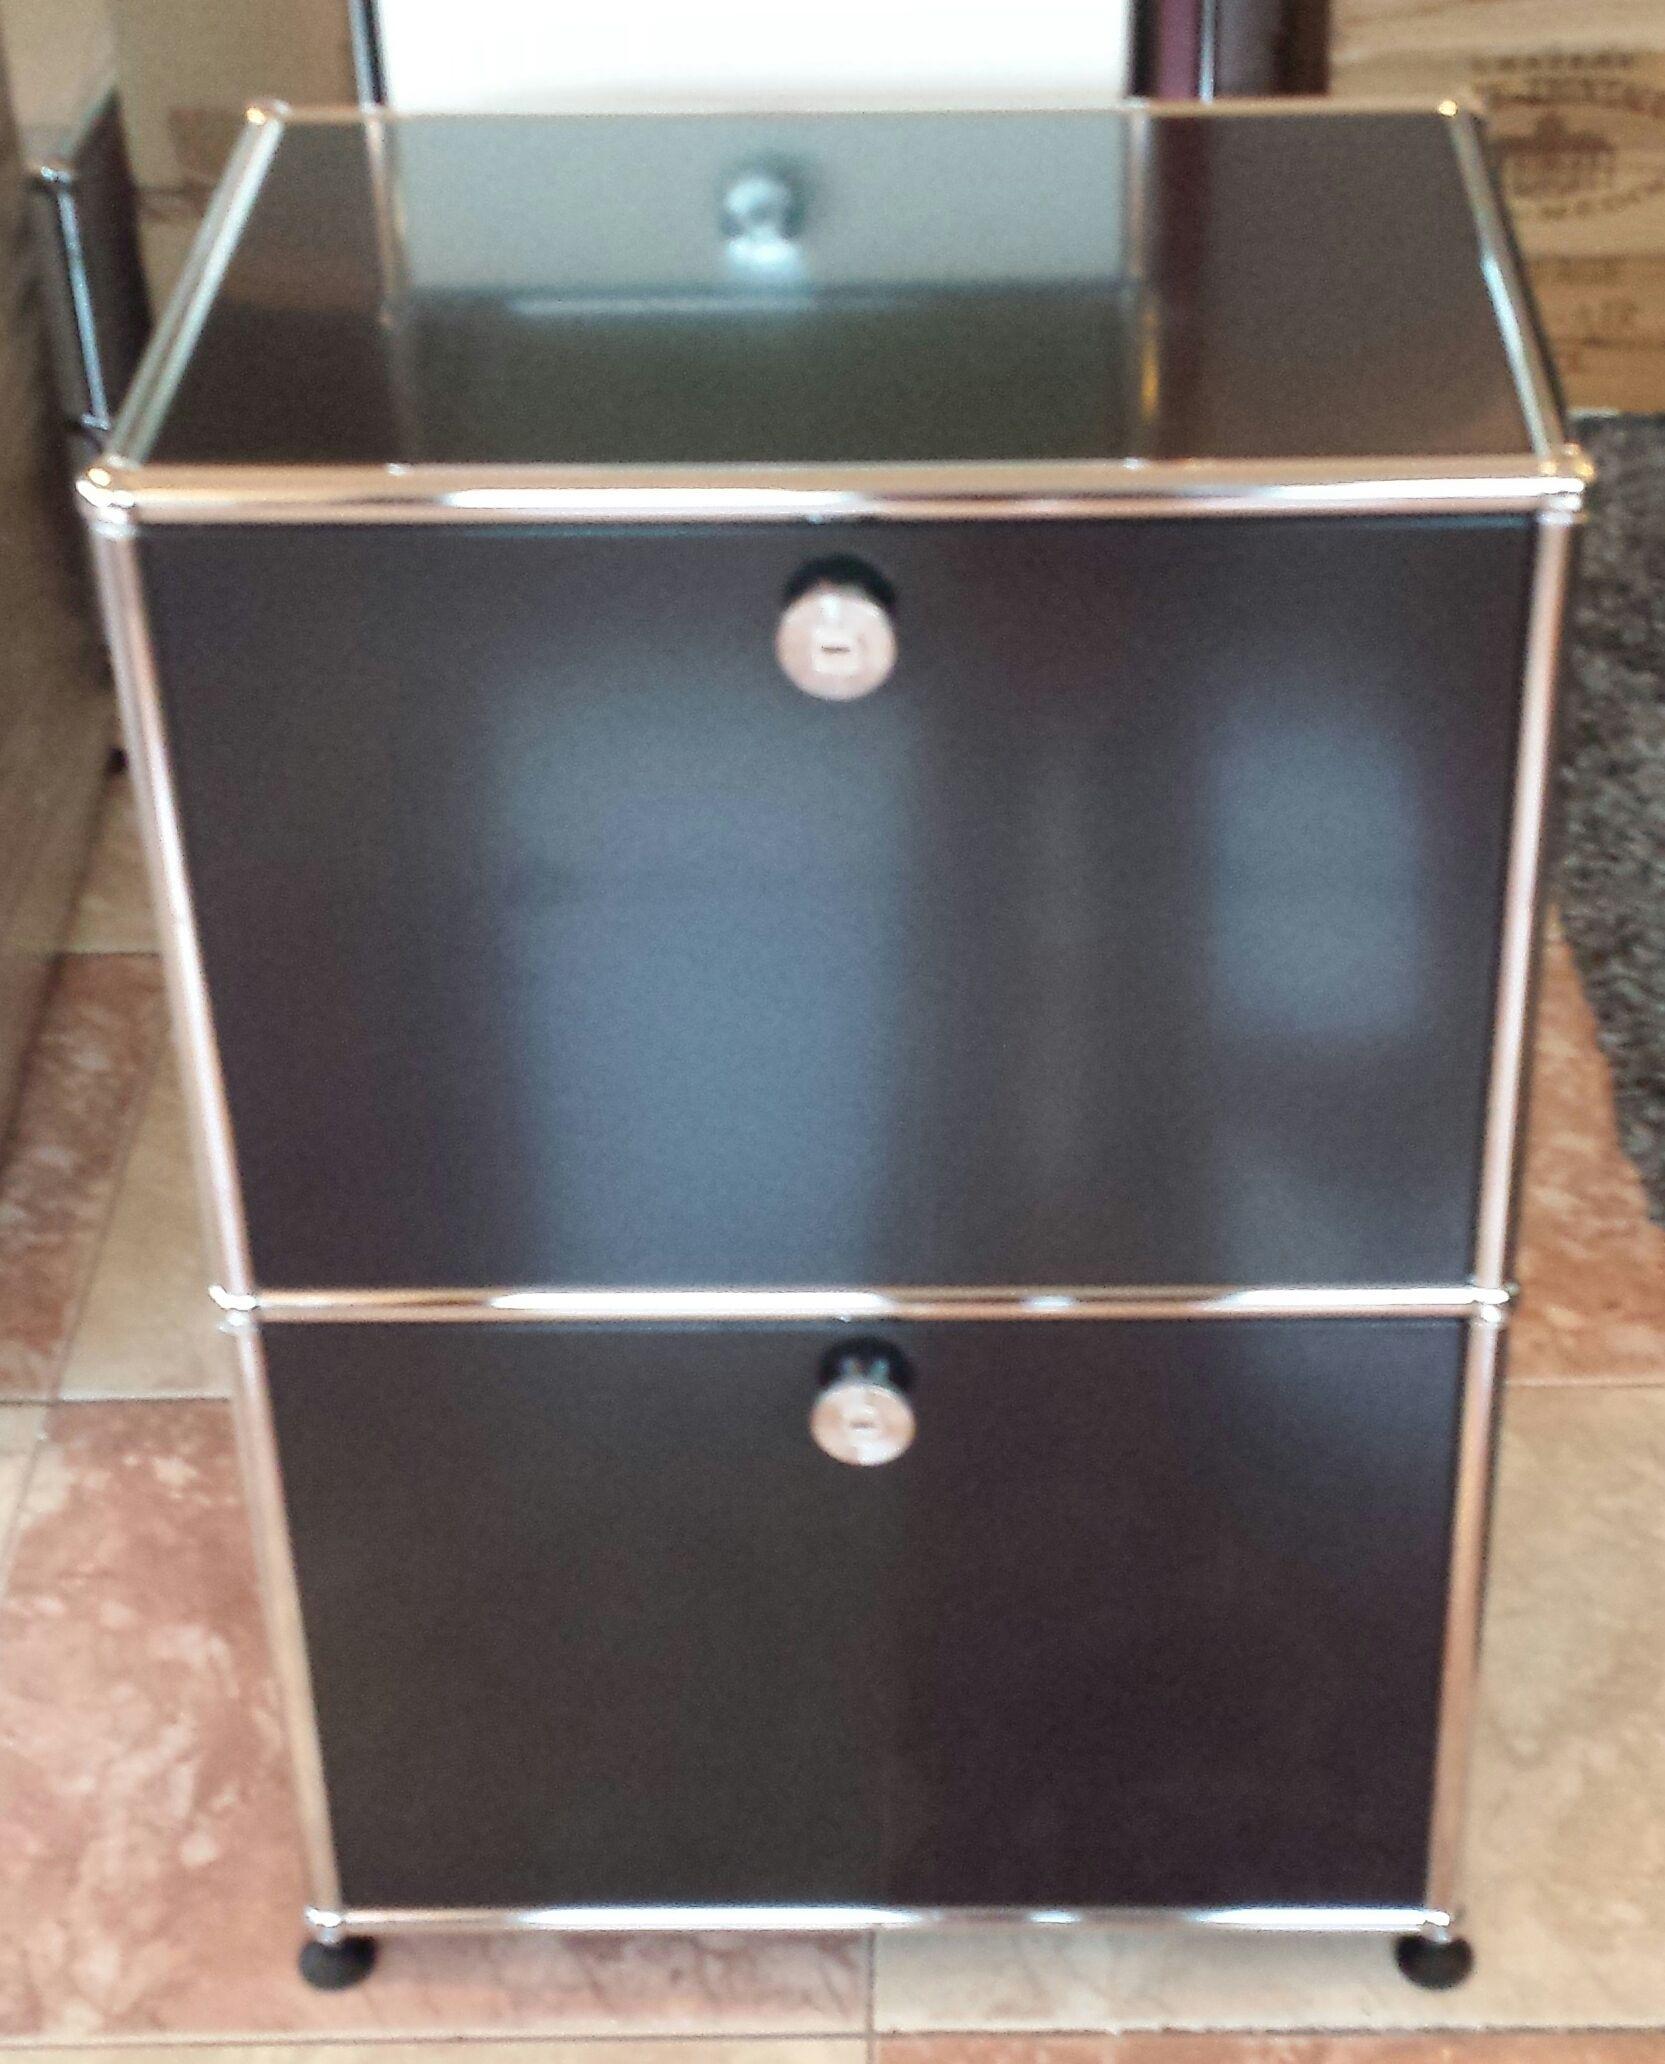 meubles occasion en seine et marne 77 annonces achat et vente de meubles paruvendu. Black Bedroom Furniture Sets. Home Design Ideas